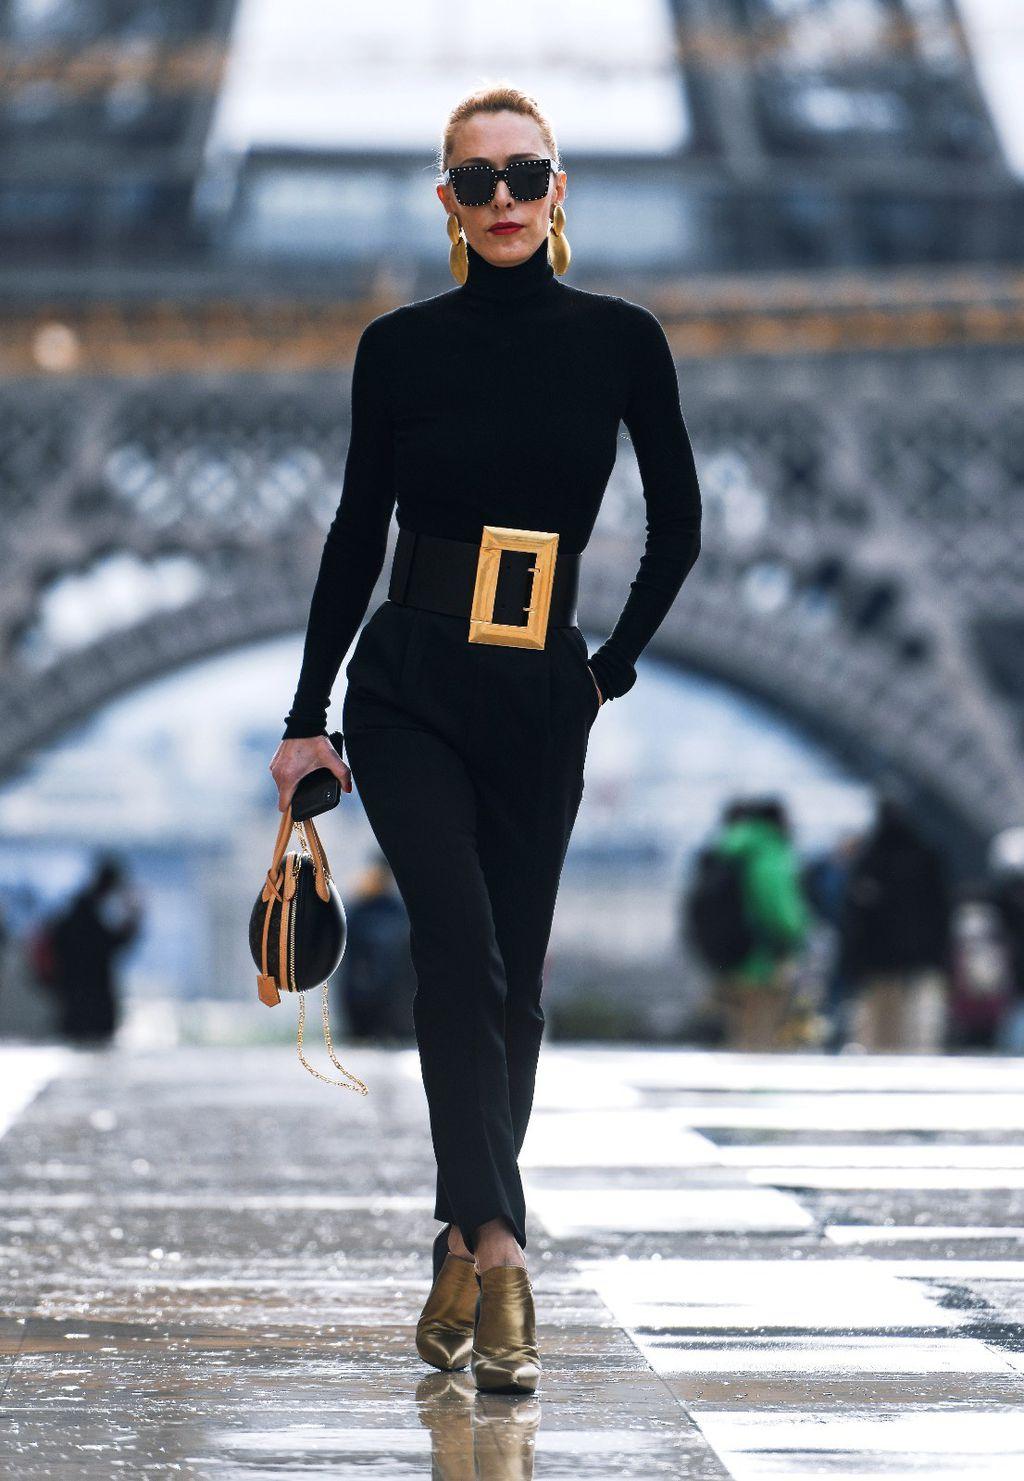 Efektne odjevne kombinacije koje bi najbolje nosile lavice - 5